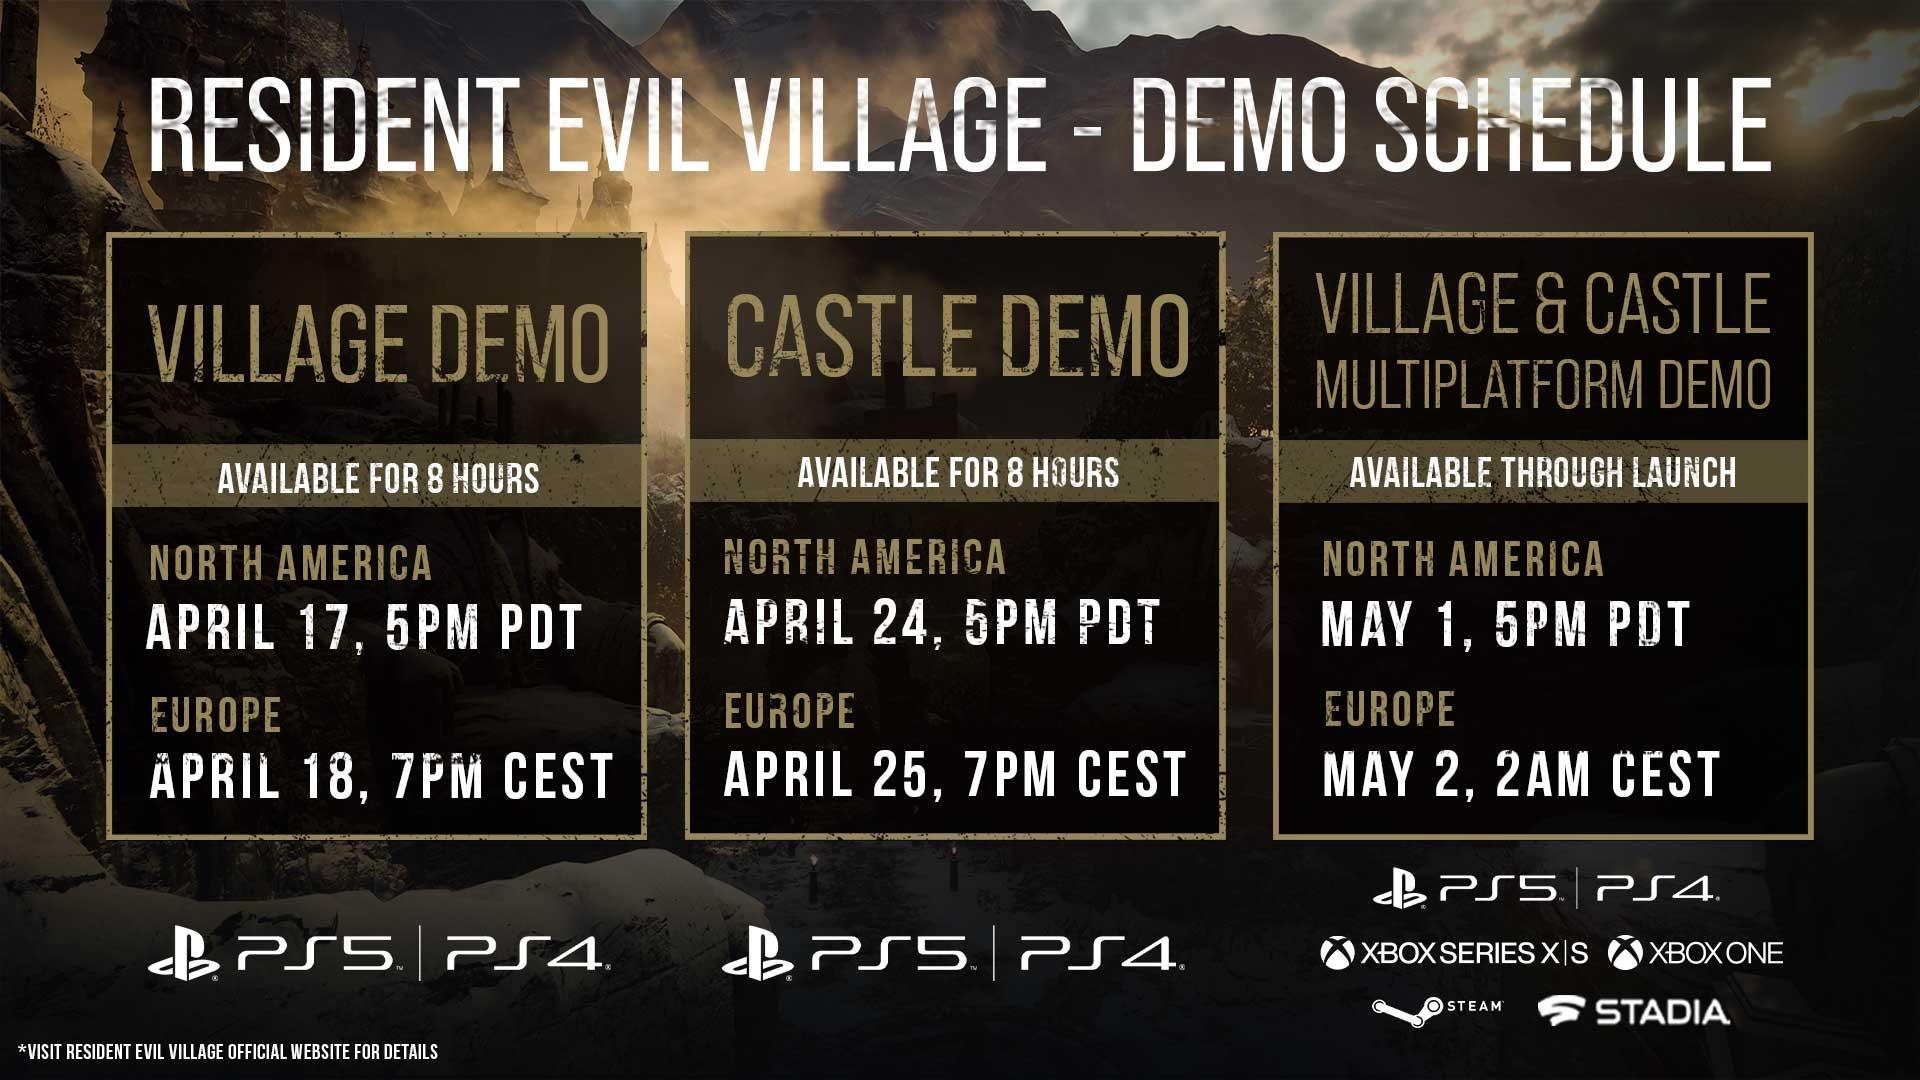 resident evil village demo schedule